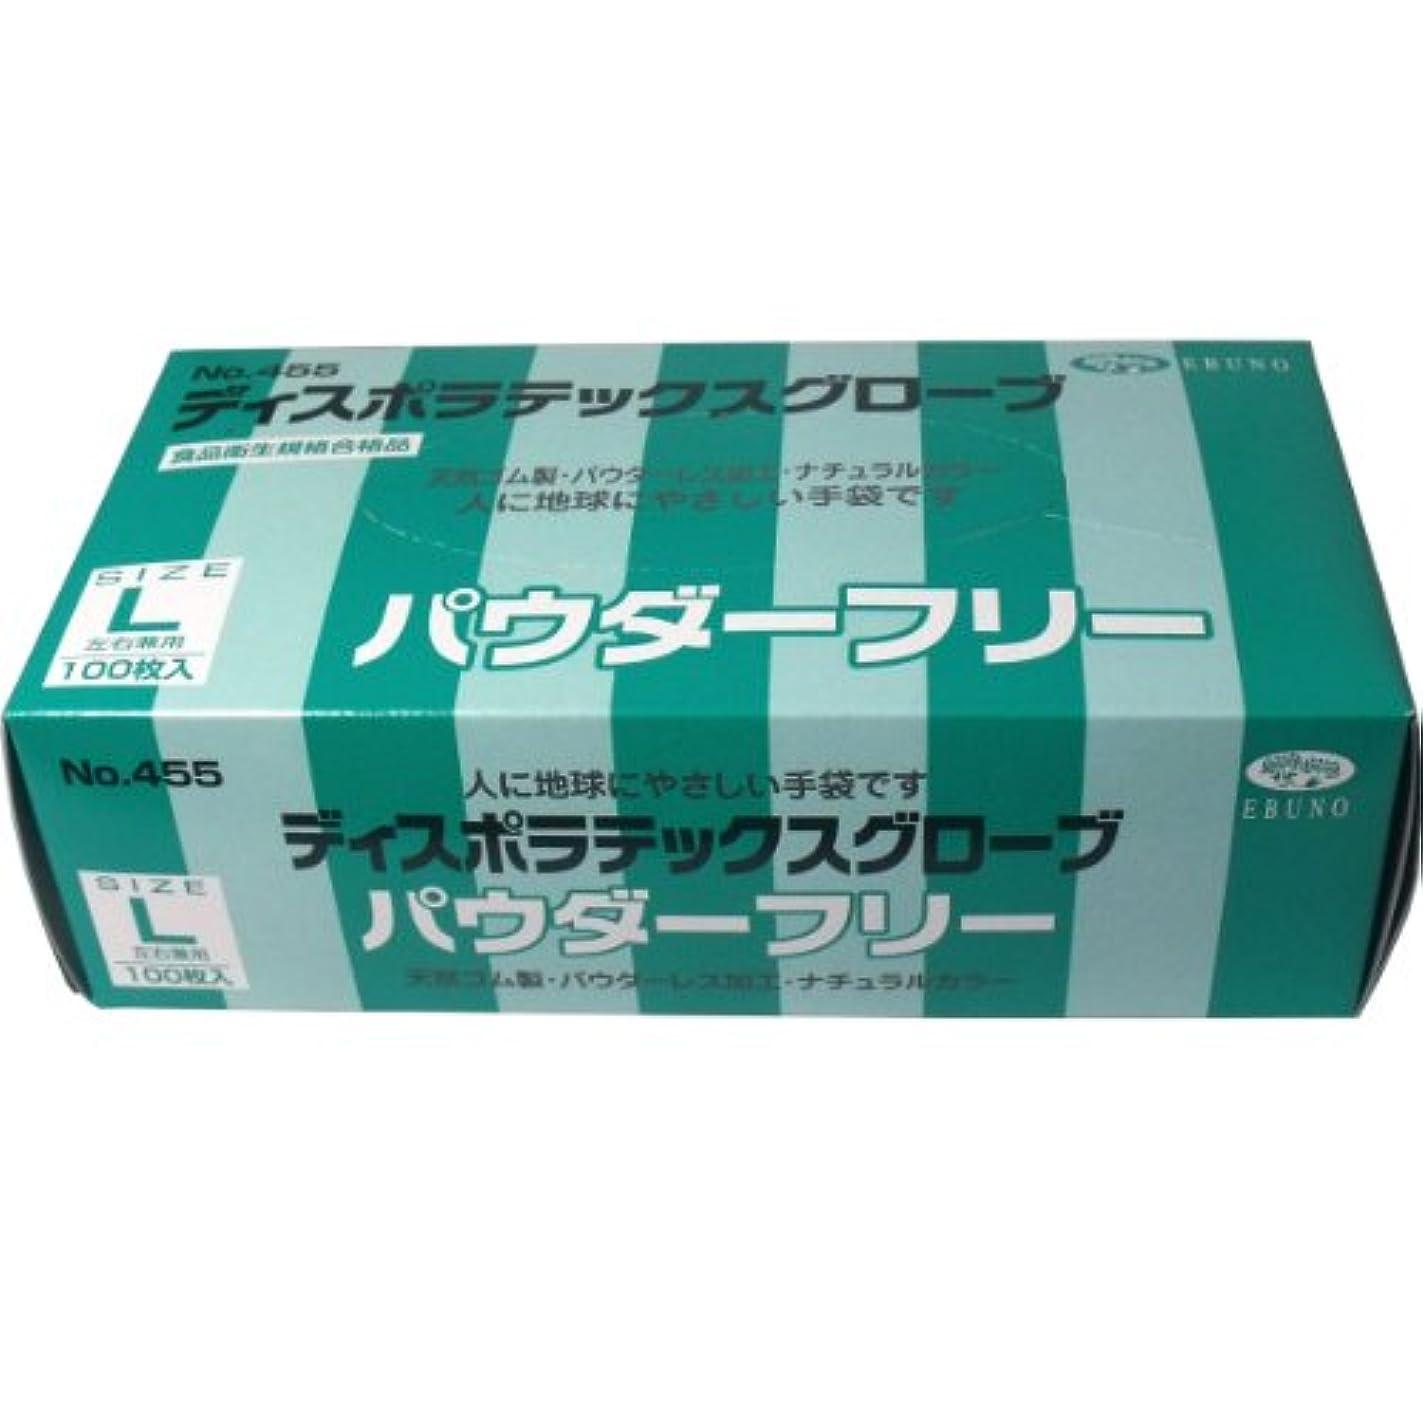 有彩色のたるみ名義でエブノ ディスポラテックスグローブ No.455 パウダーフリー L 100枚入